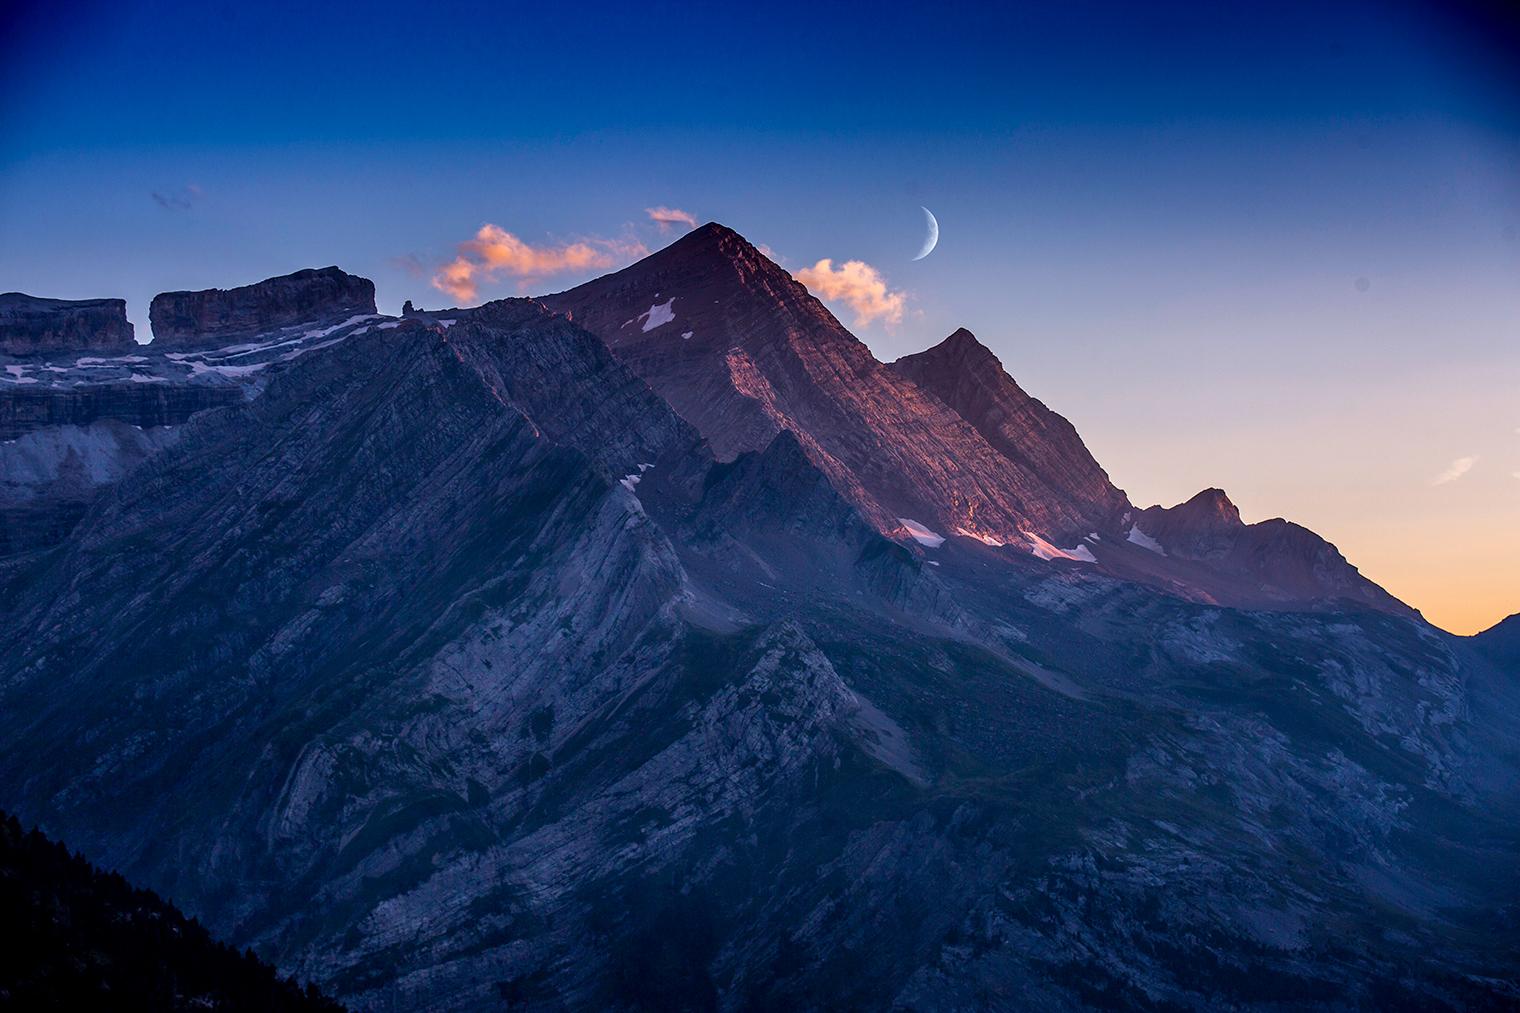 Ruta clásica con ascensión al Monte Perdido y al Vignemale